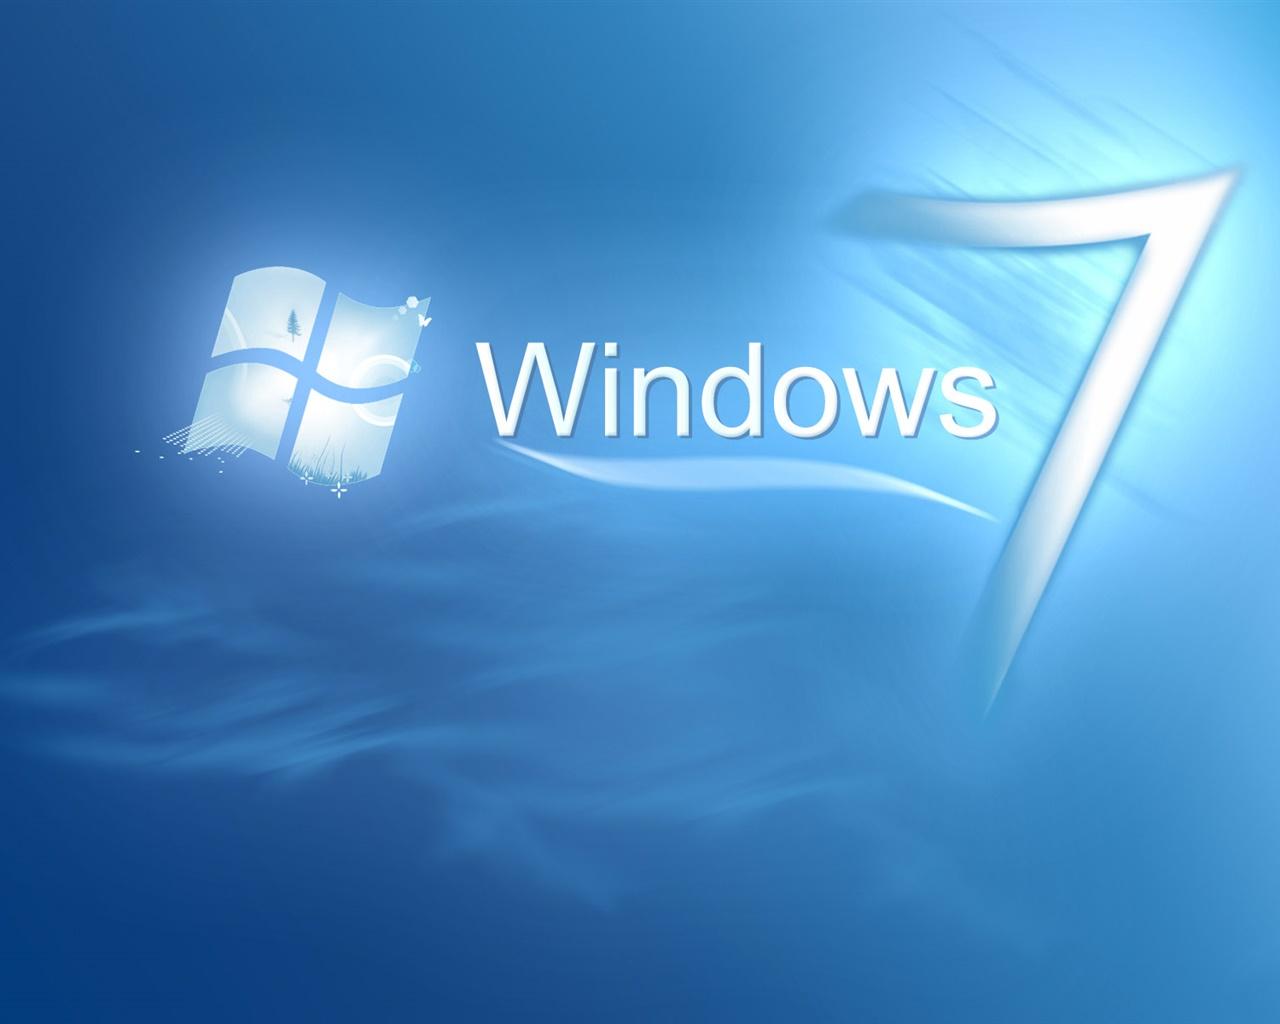 青い水の中のwindows7 デスクトップの壁紙 1280x1024 壁紙をダウンロード Ja Hdwall365 Com